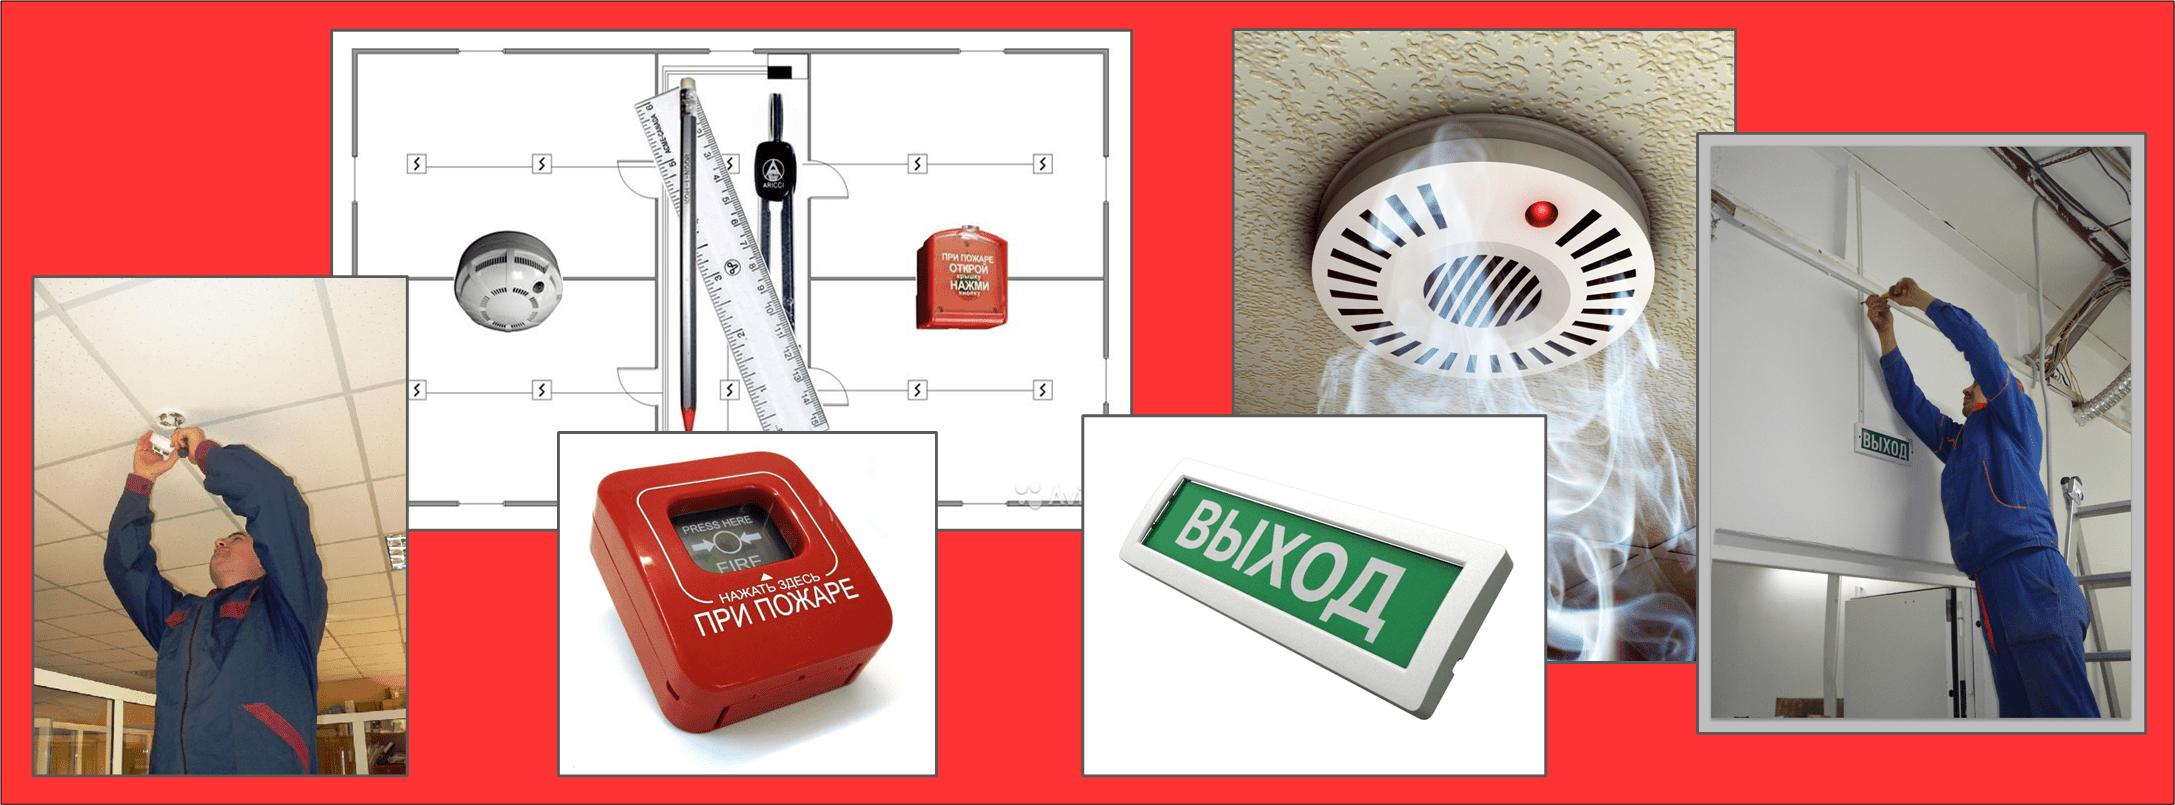 Новый регламент нужно разработать на все операции и процессы по обслуживанию, проверкам, эксплуатации и ремонту систем противопожарной защиты.